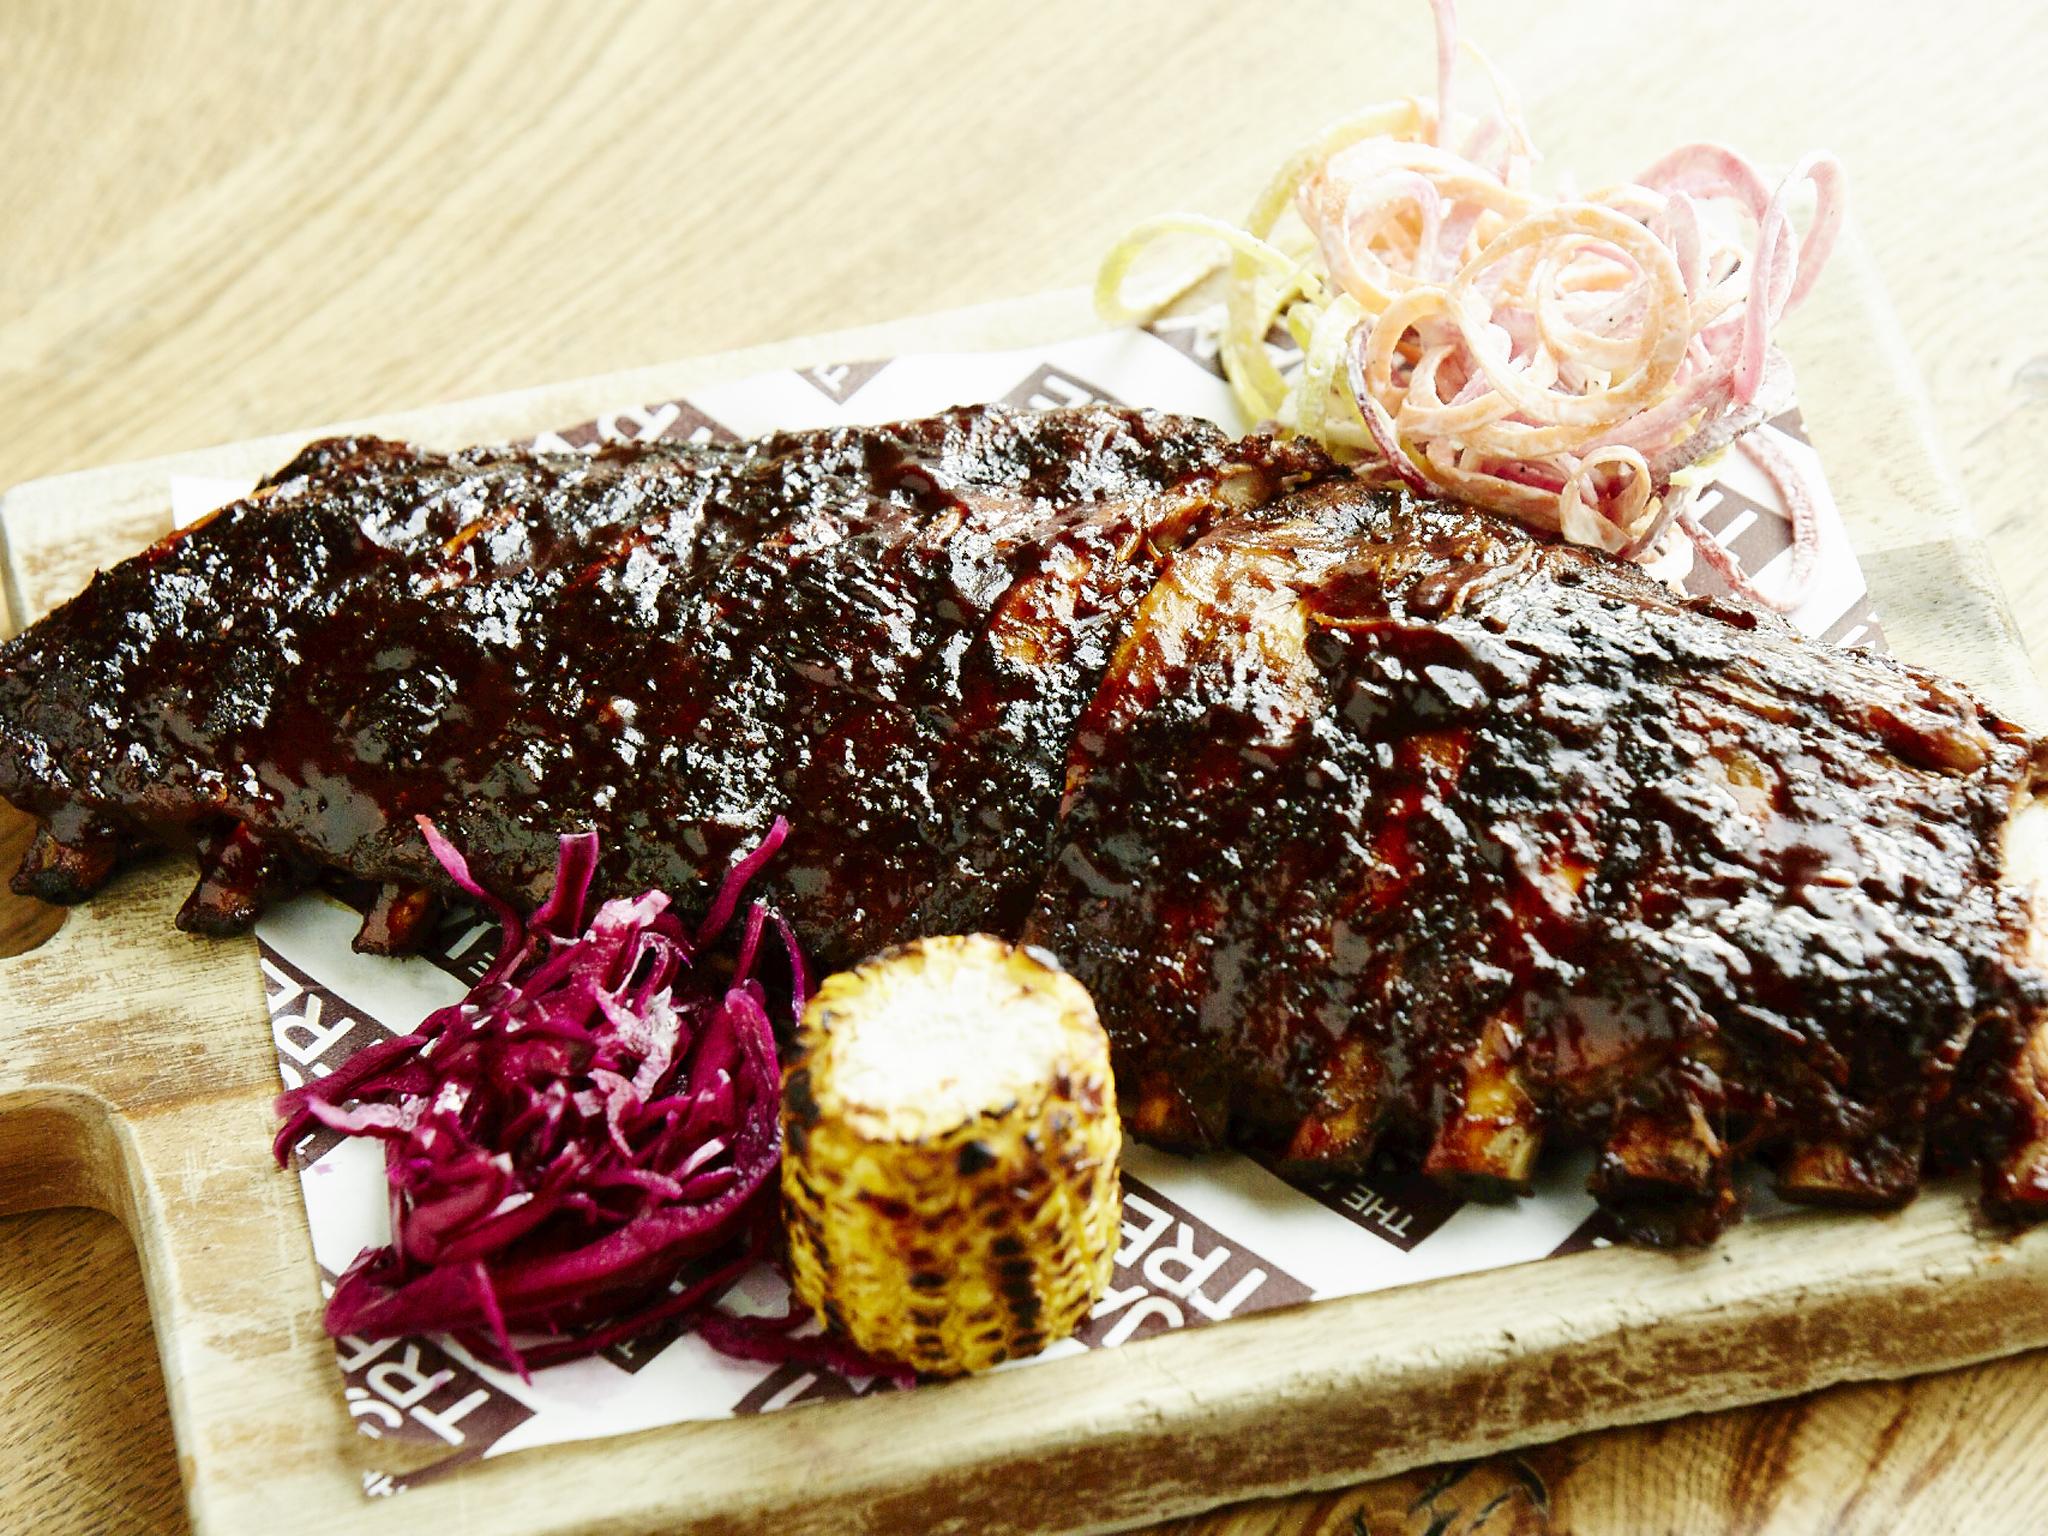 jam tree chelsea, rack of ribs, best barbecues in london